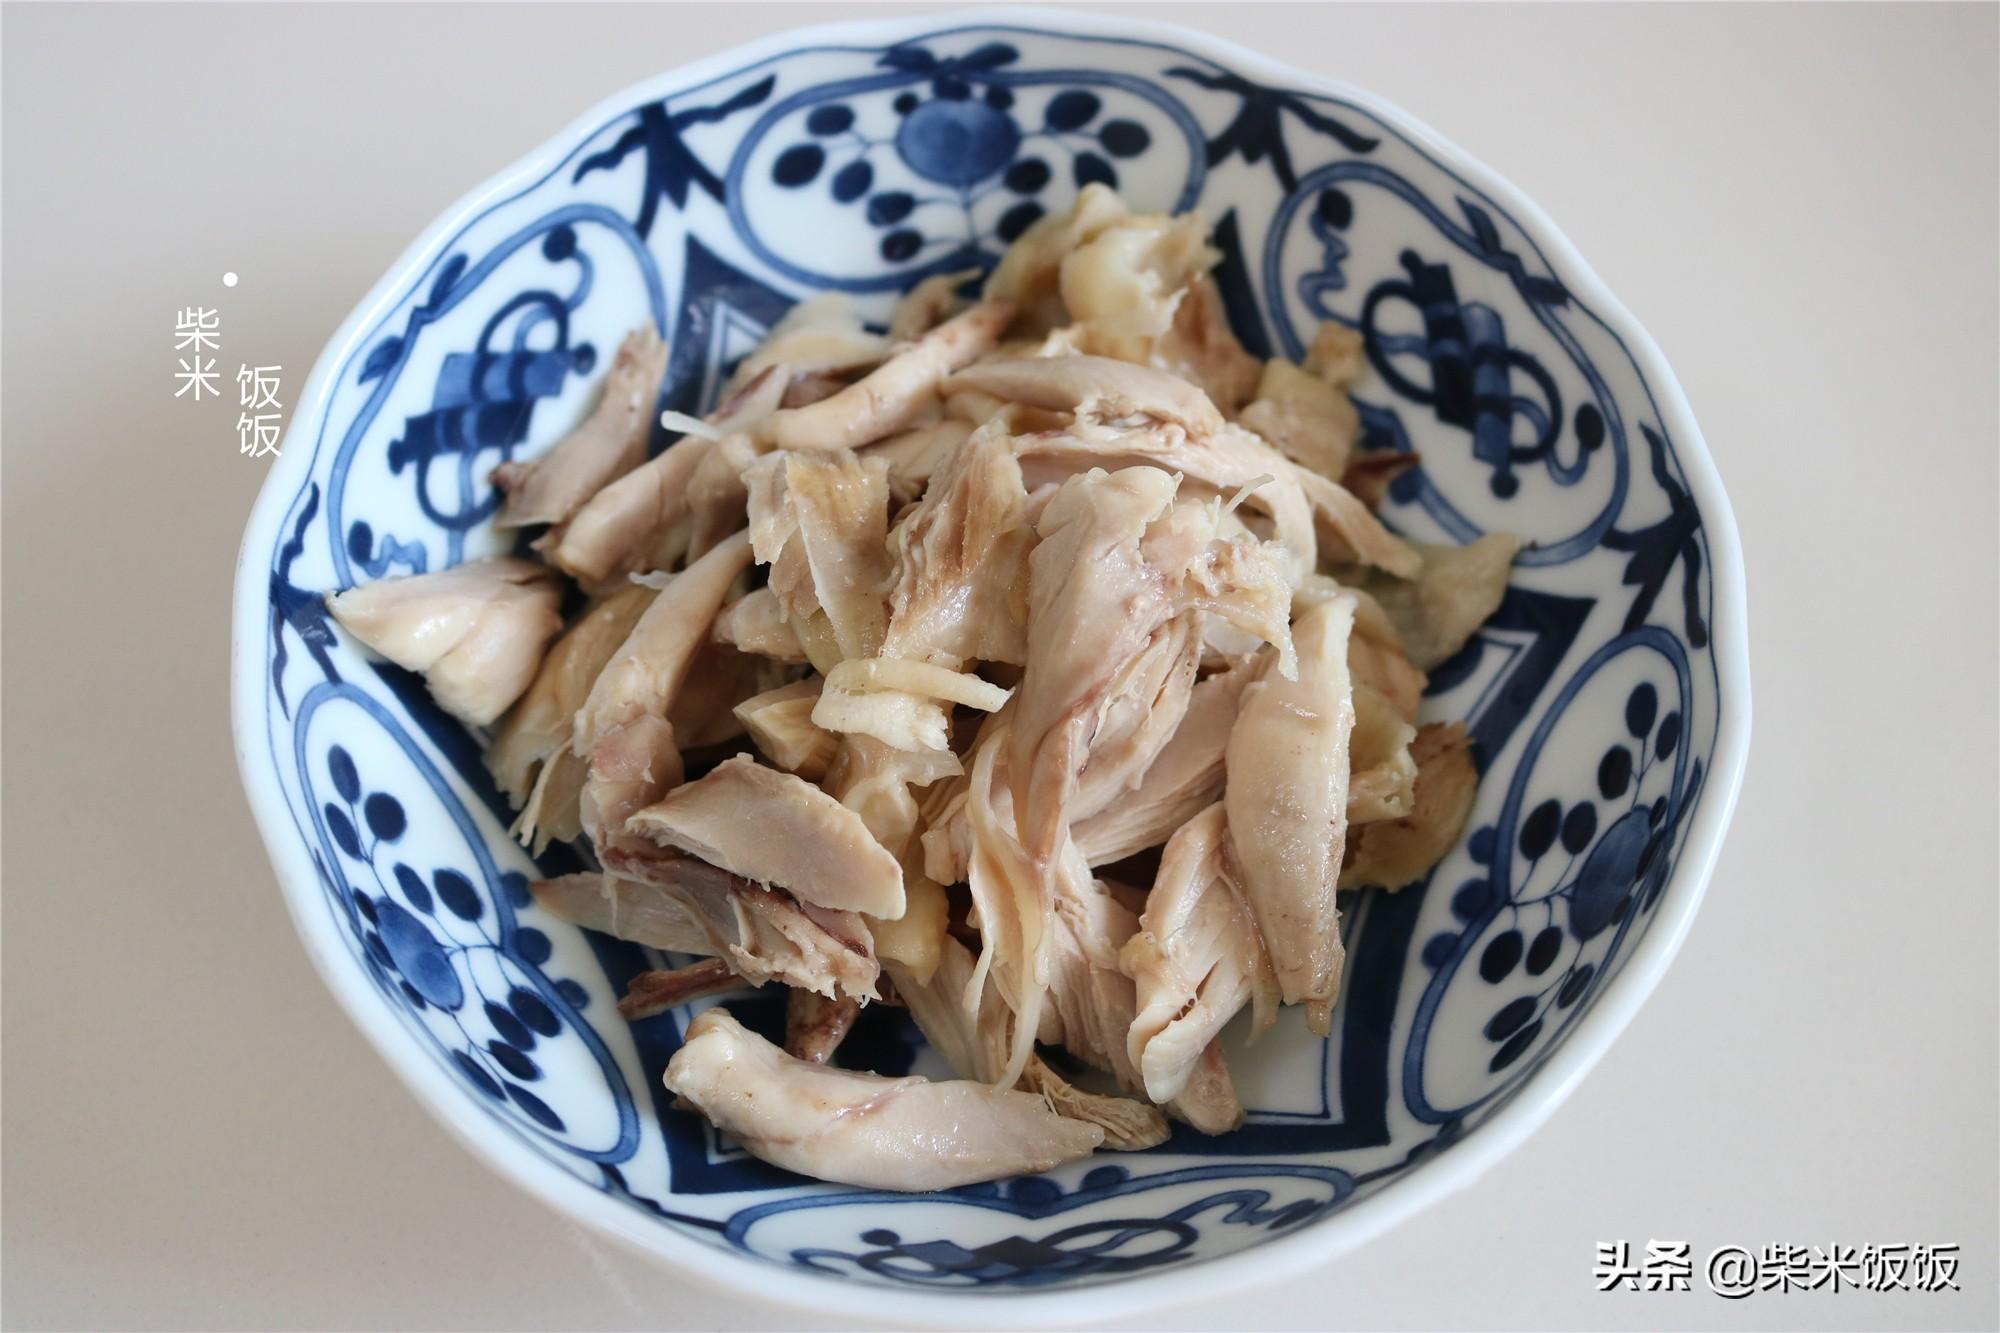 雞腿不紅燒不油炸,換一種做法,蒸一蒸,清淡好吃不油膩